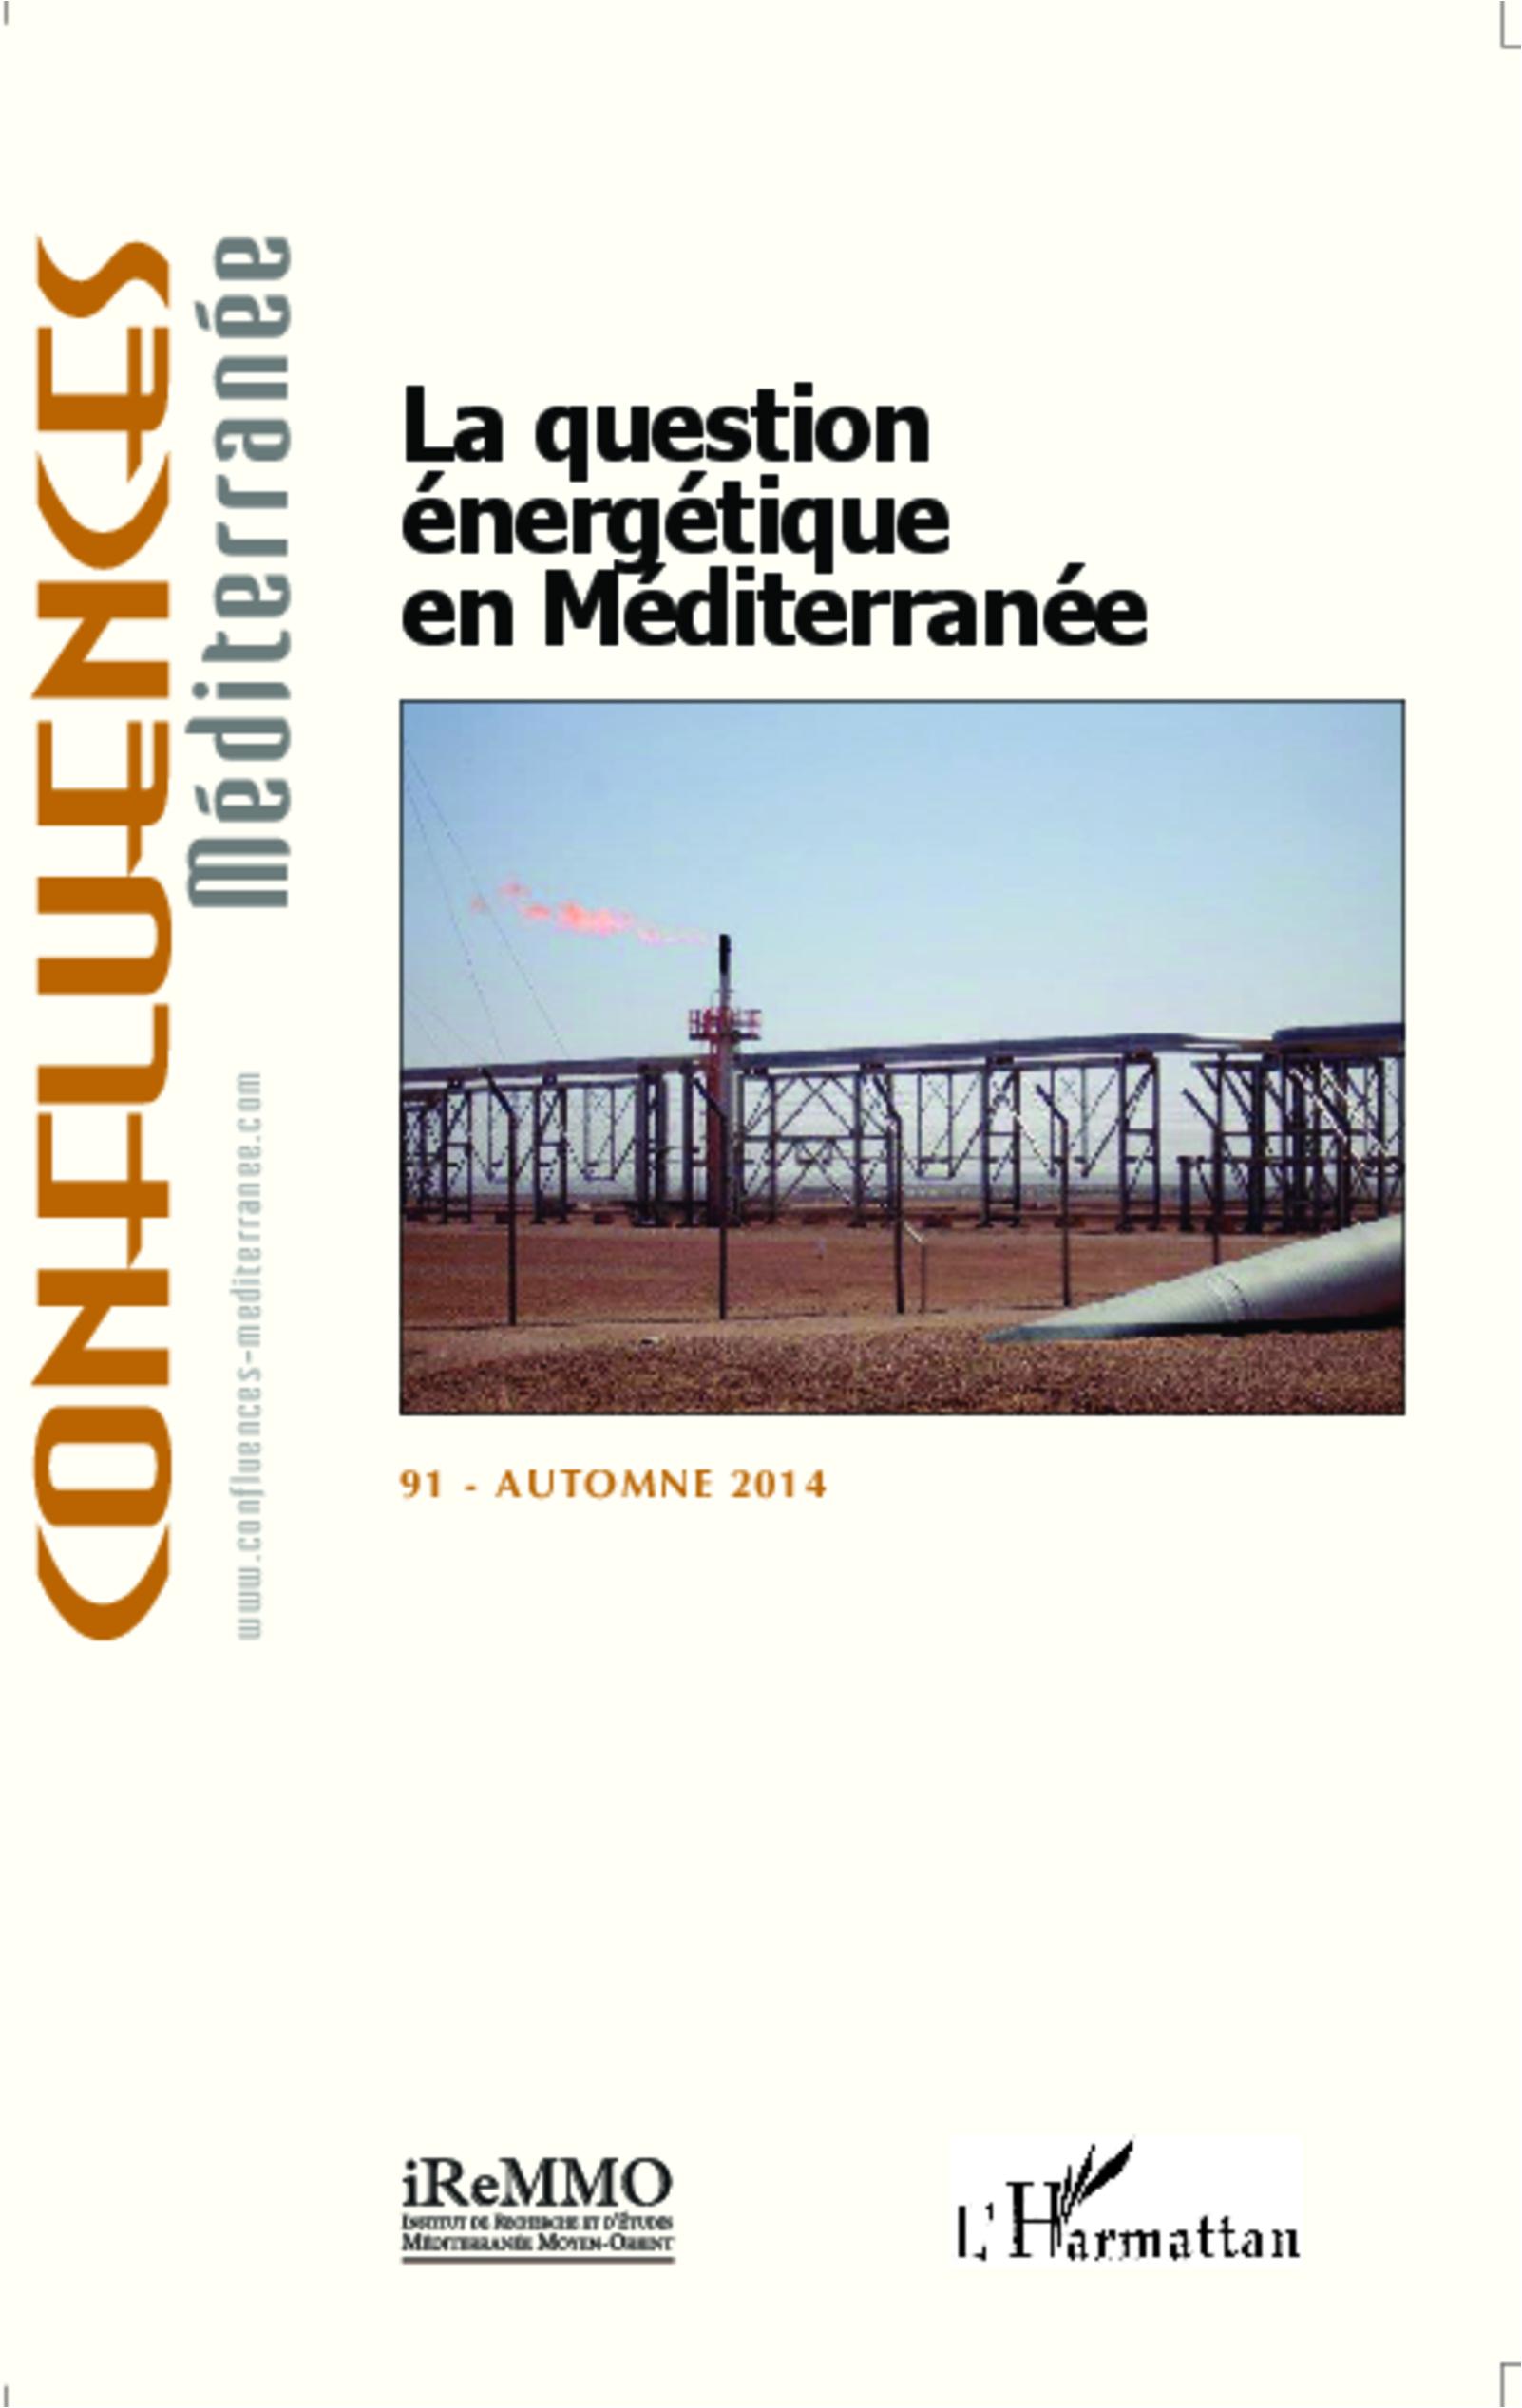 QUESTION ENERGETIQUE EN MEDITERRANEE